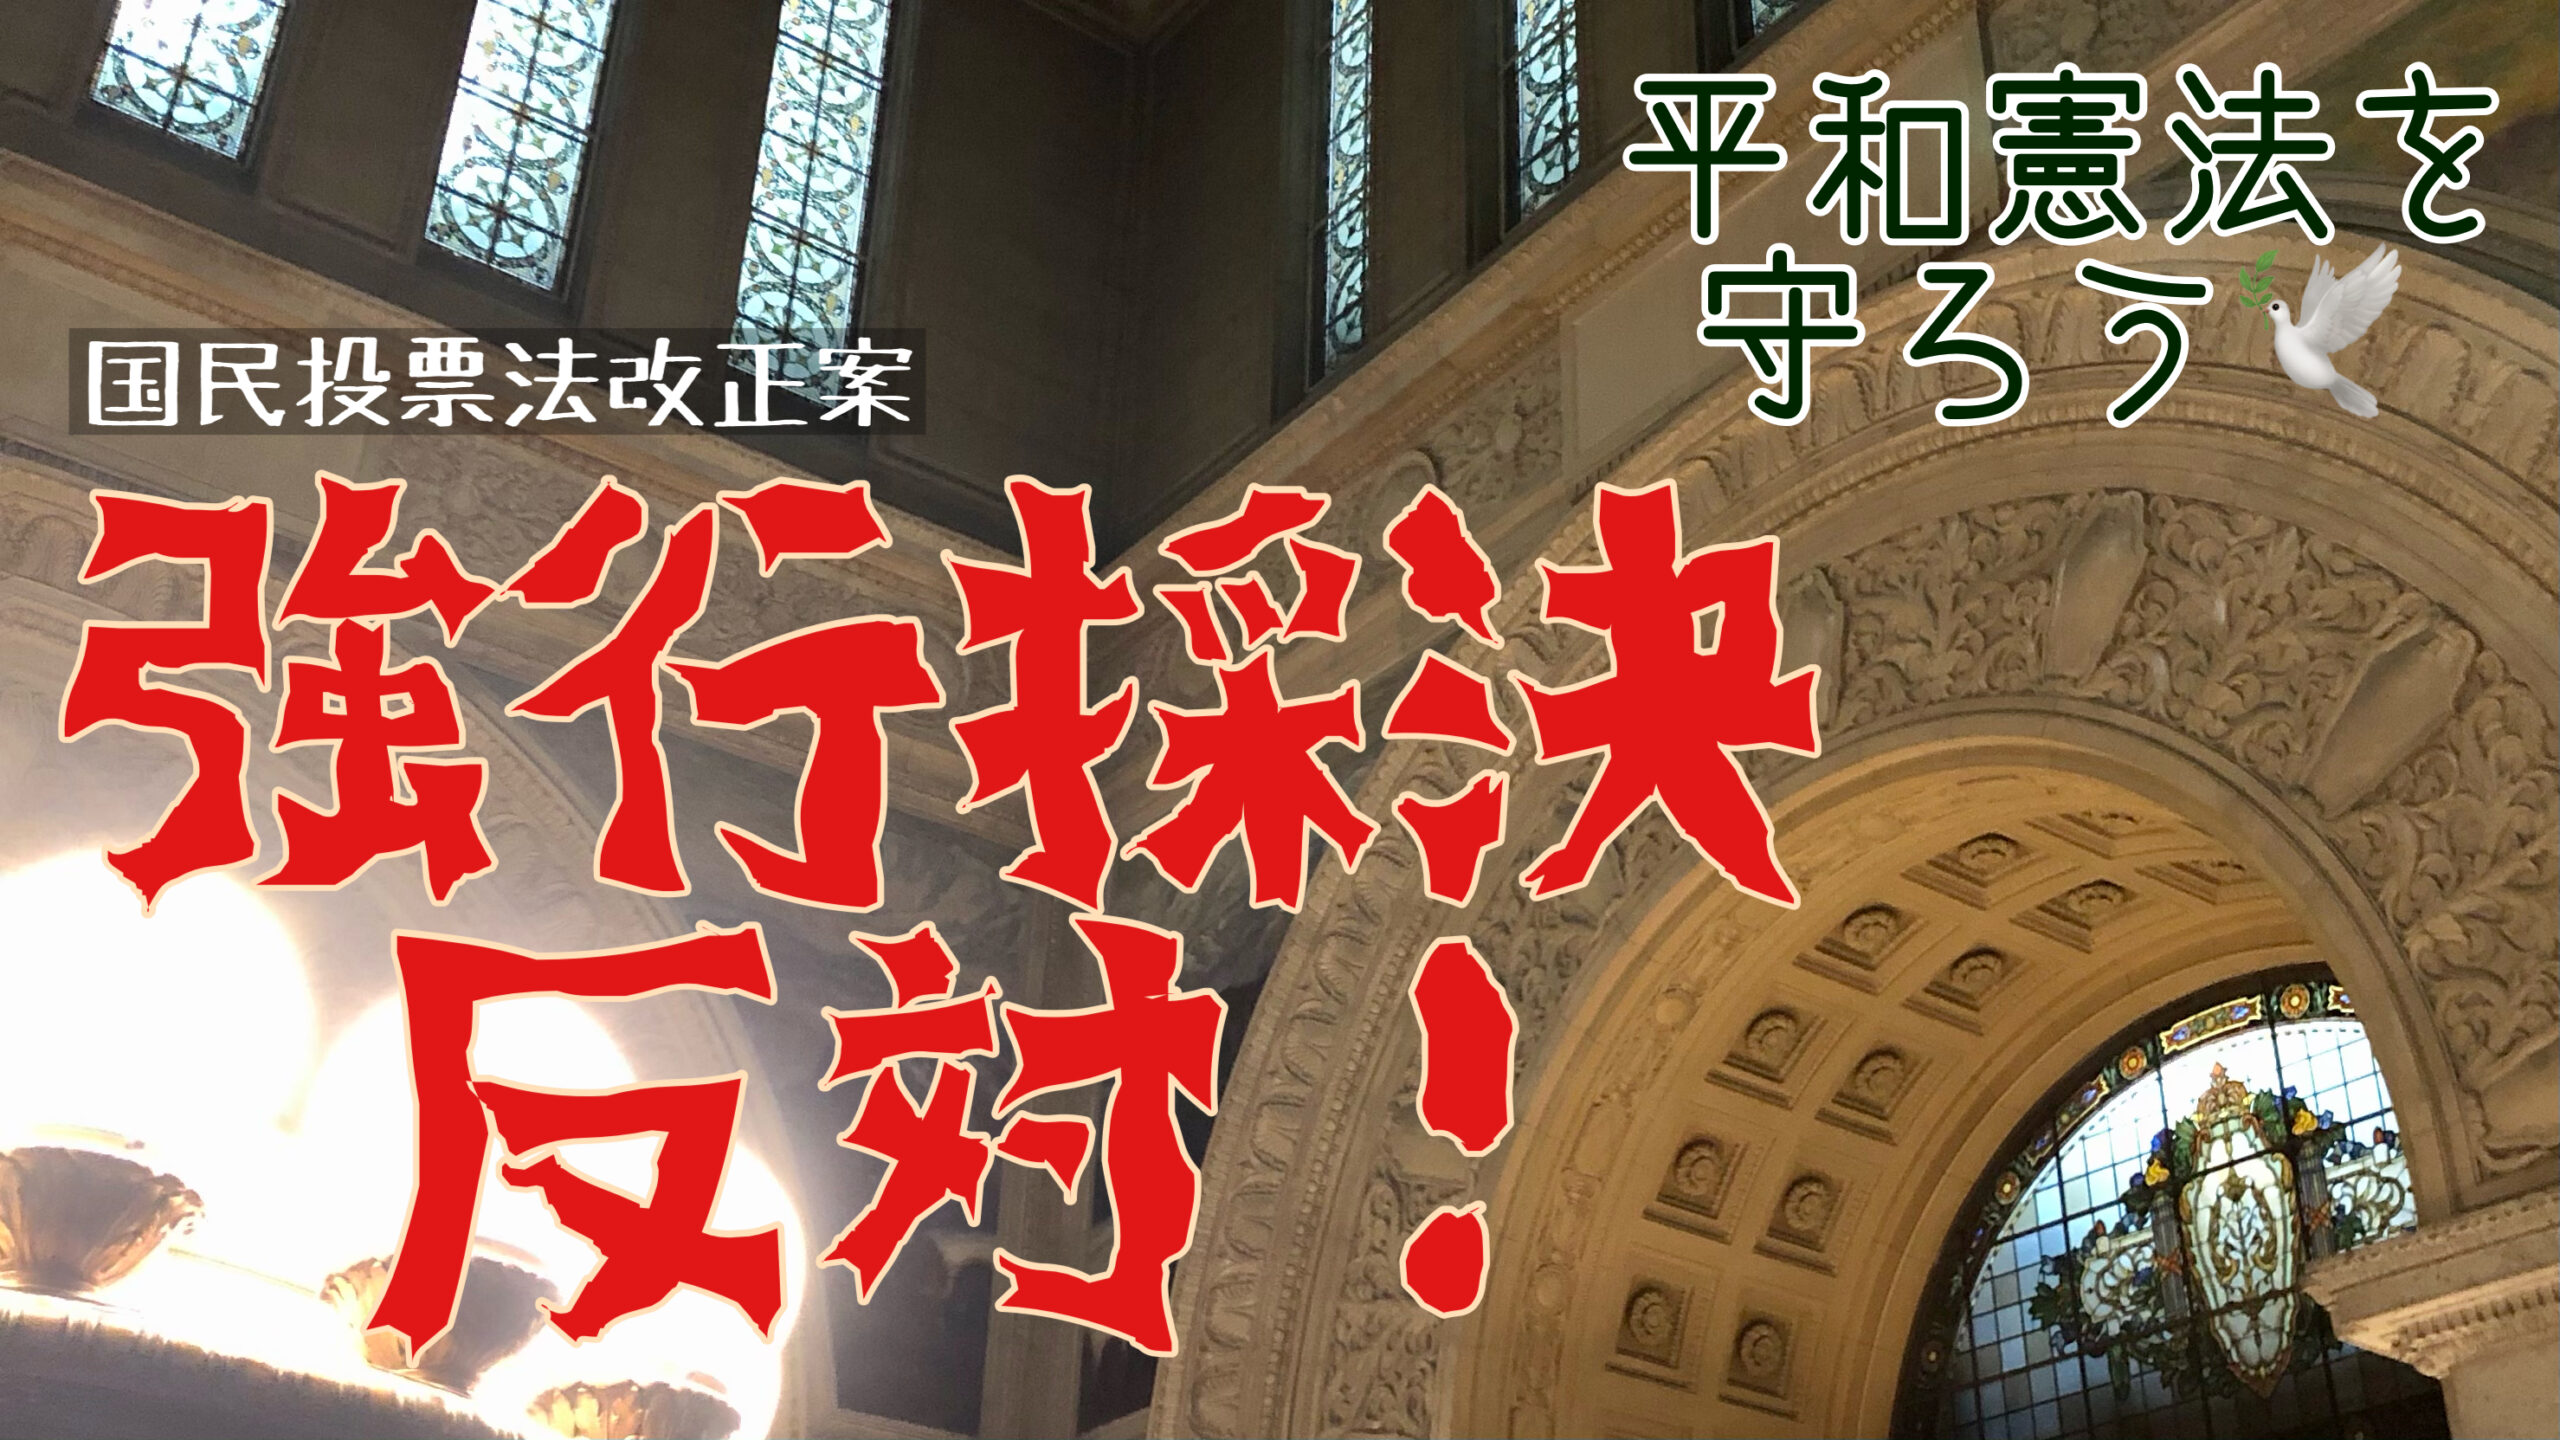 【道民運動】「『改憲手続法』改正案の採決強行に反対する」声明を発出=戦争をさせない1000人委員会